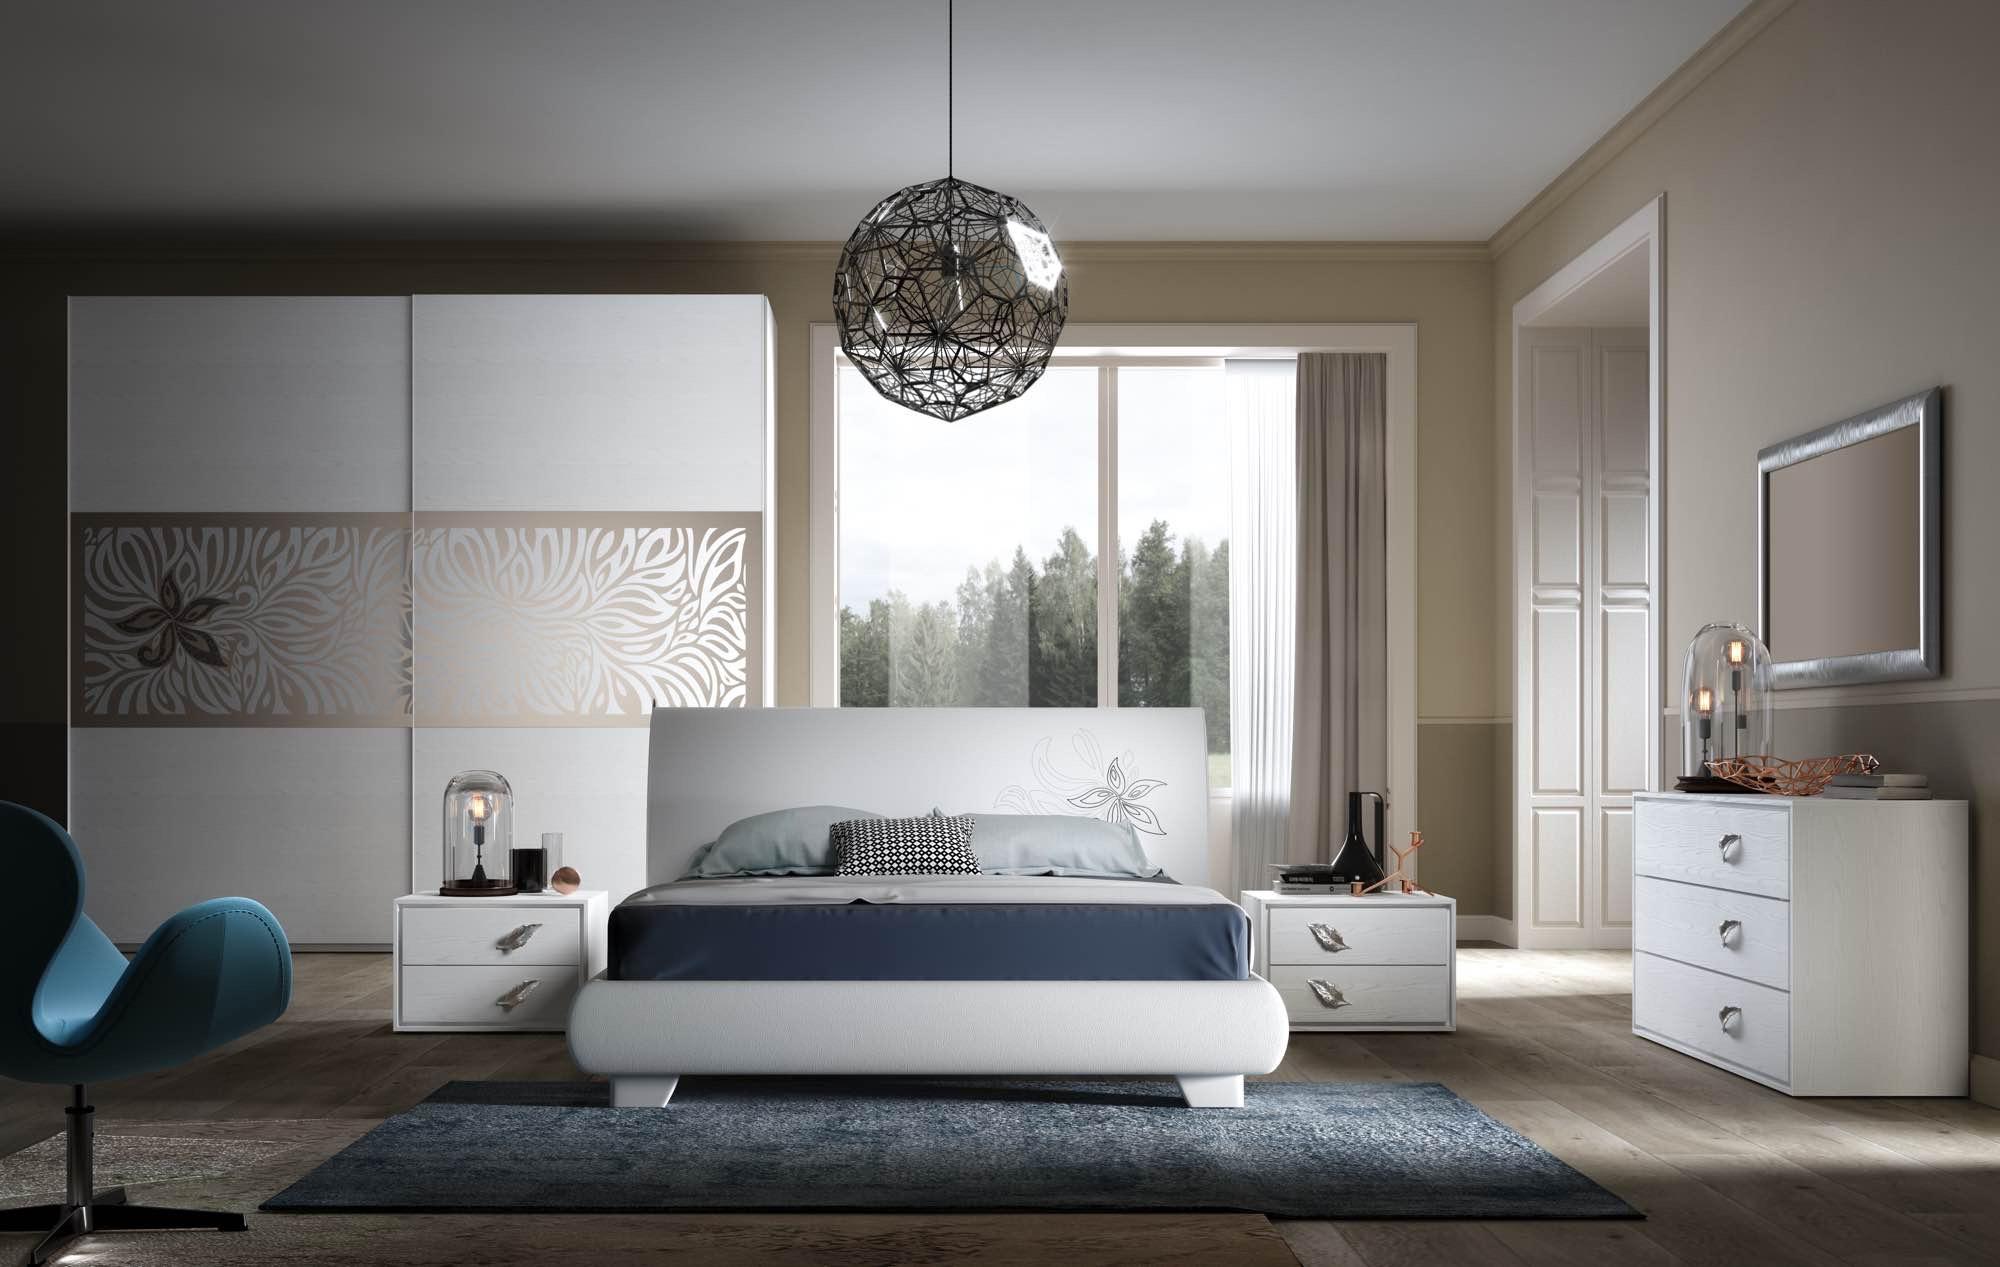 Mobili artigianmobili a enna living camere da letto for Marche mobili camere da letto